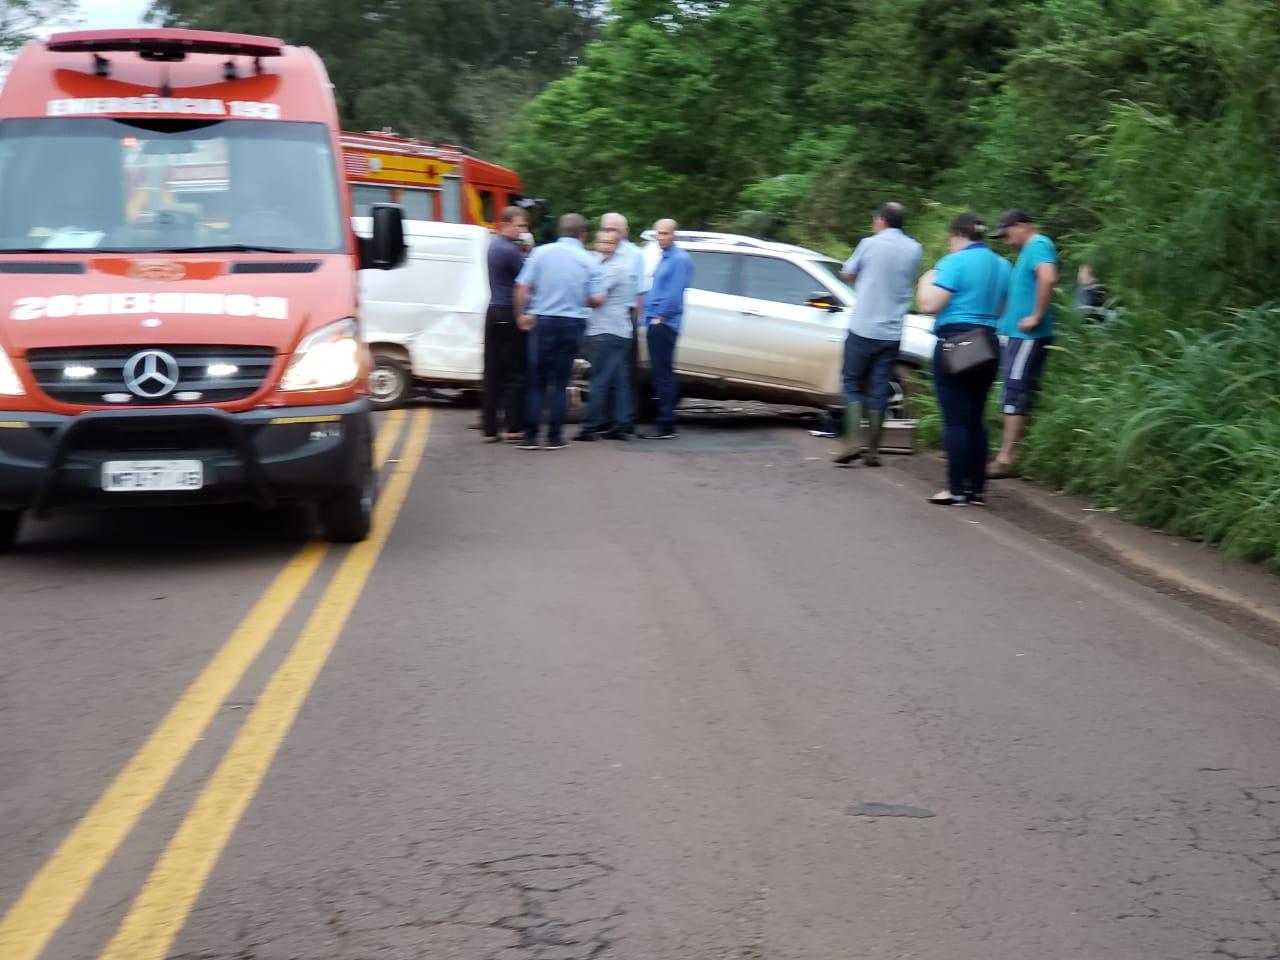 VÍDEO: Motorista fica preso nas ferragens em colisão de veículos na SC 386